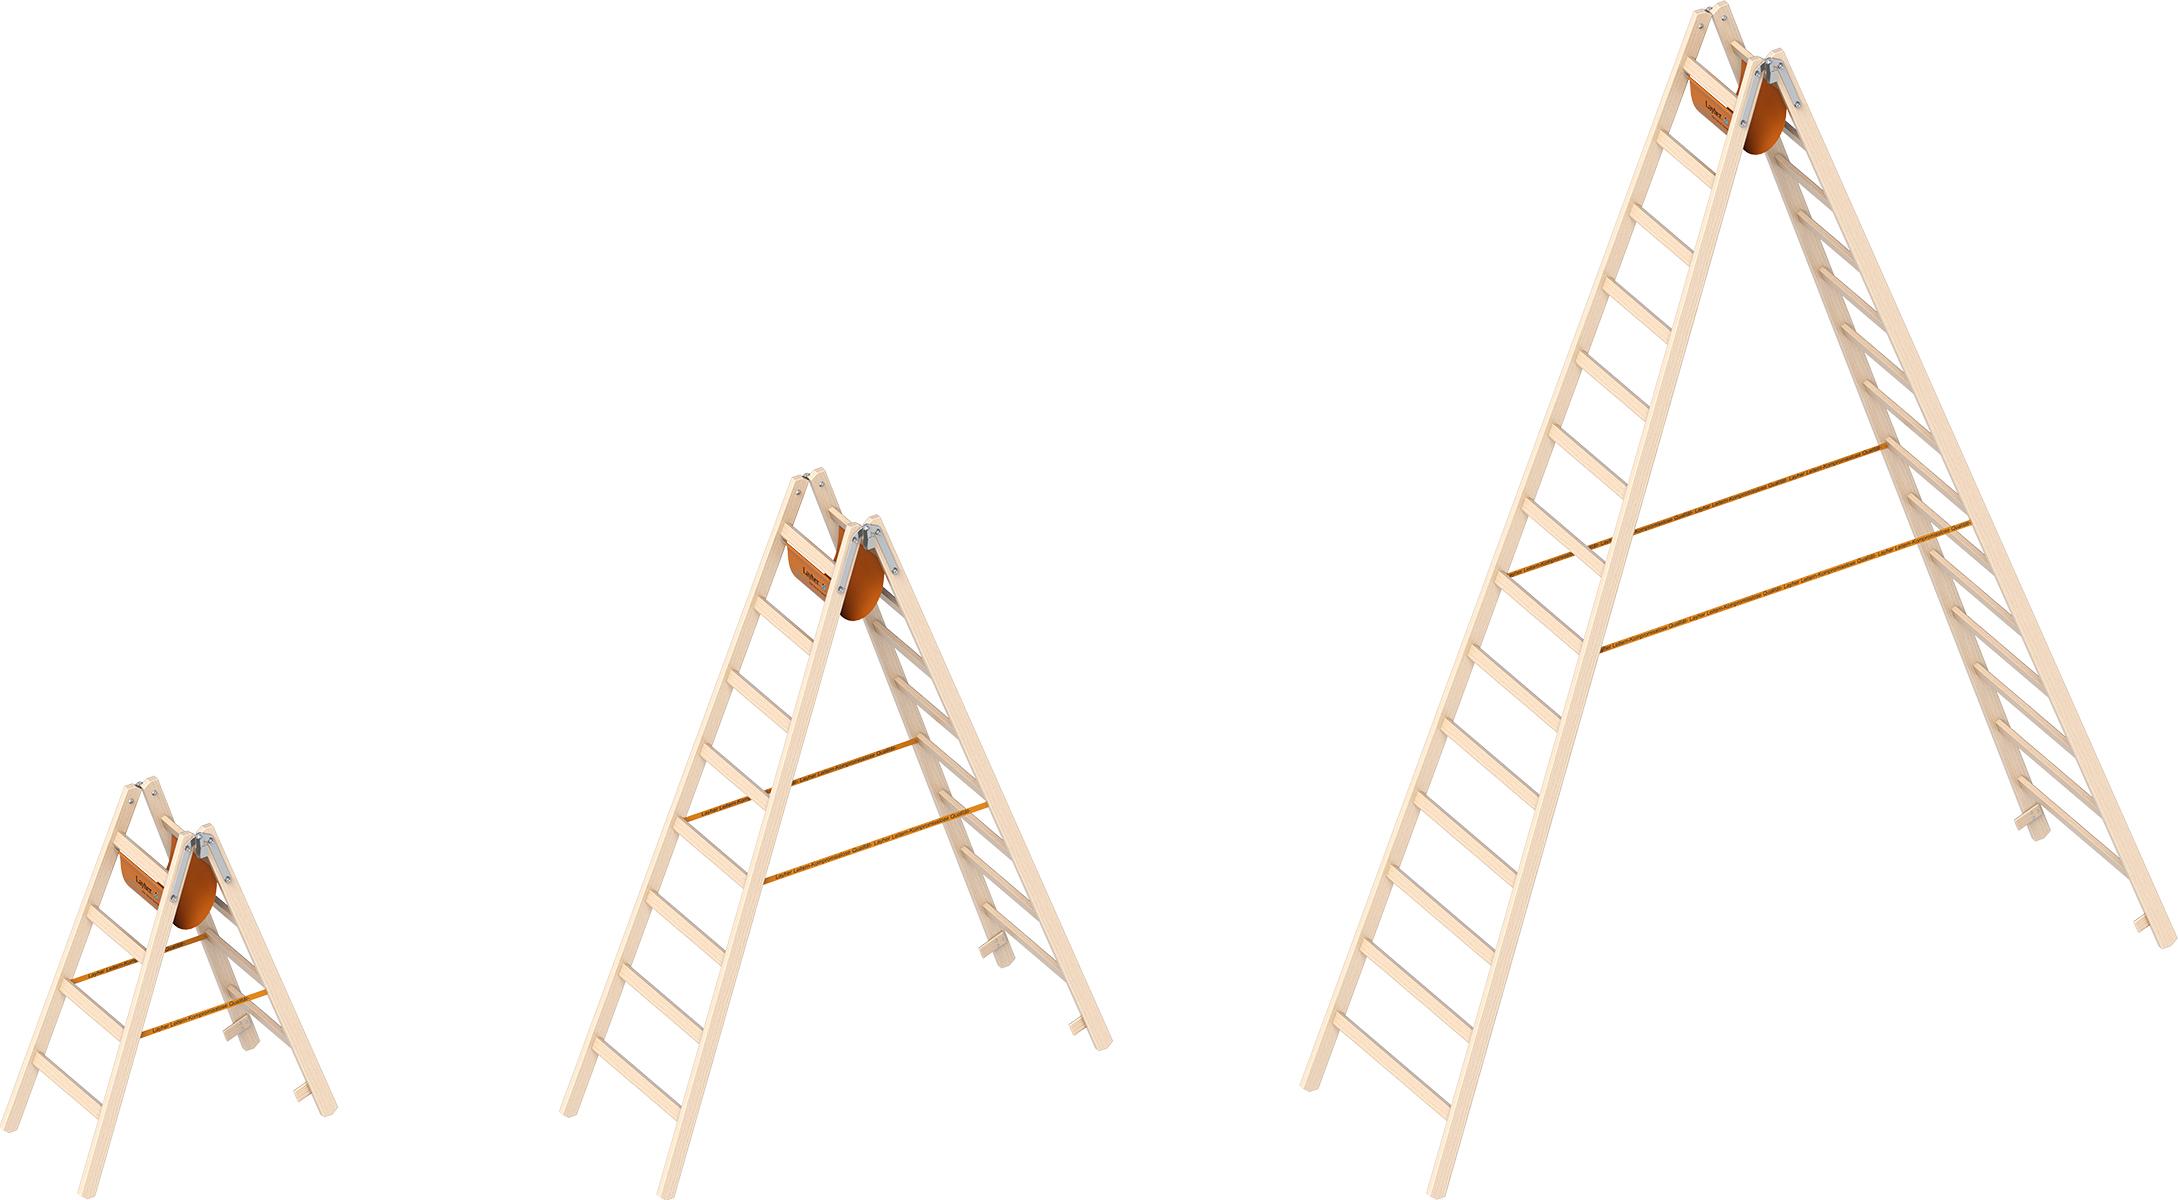 Layher Stehleiter Holz Breitsprossen